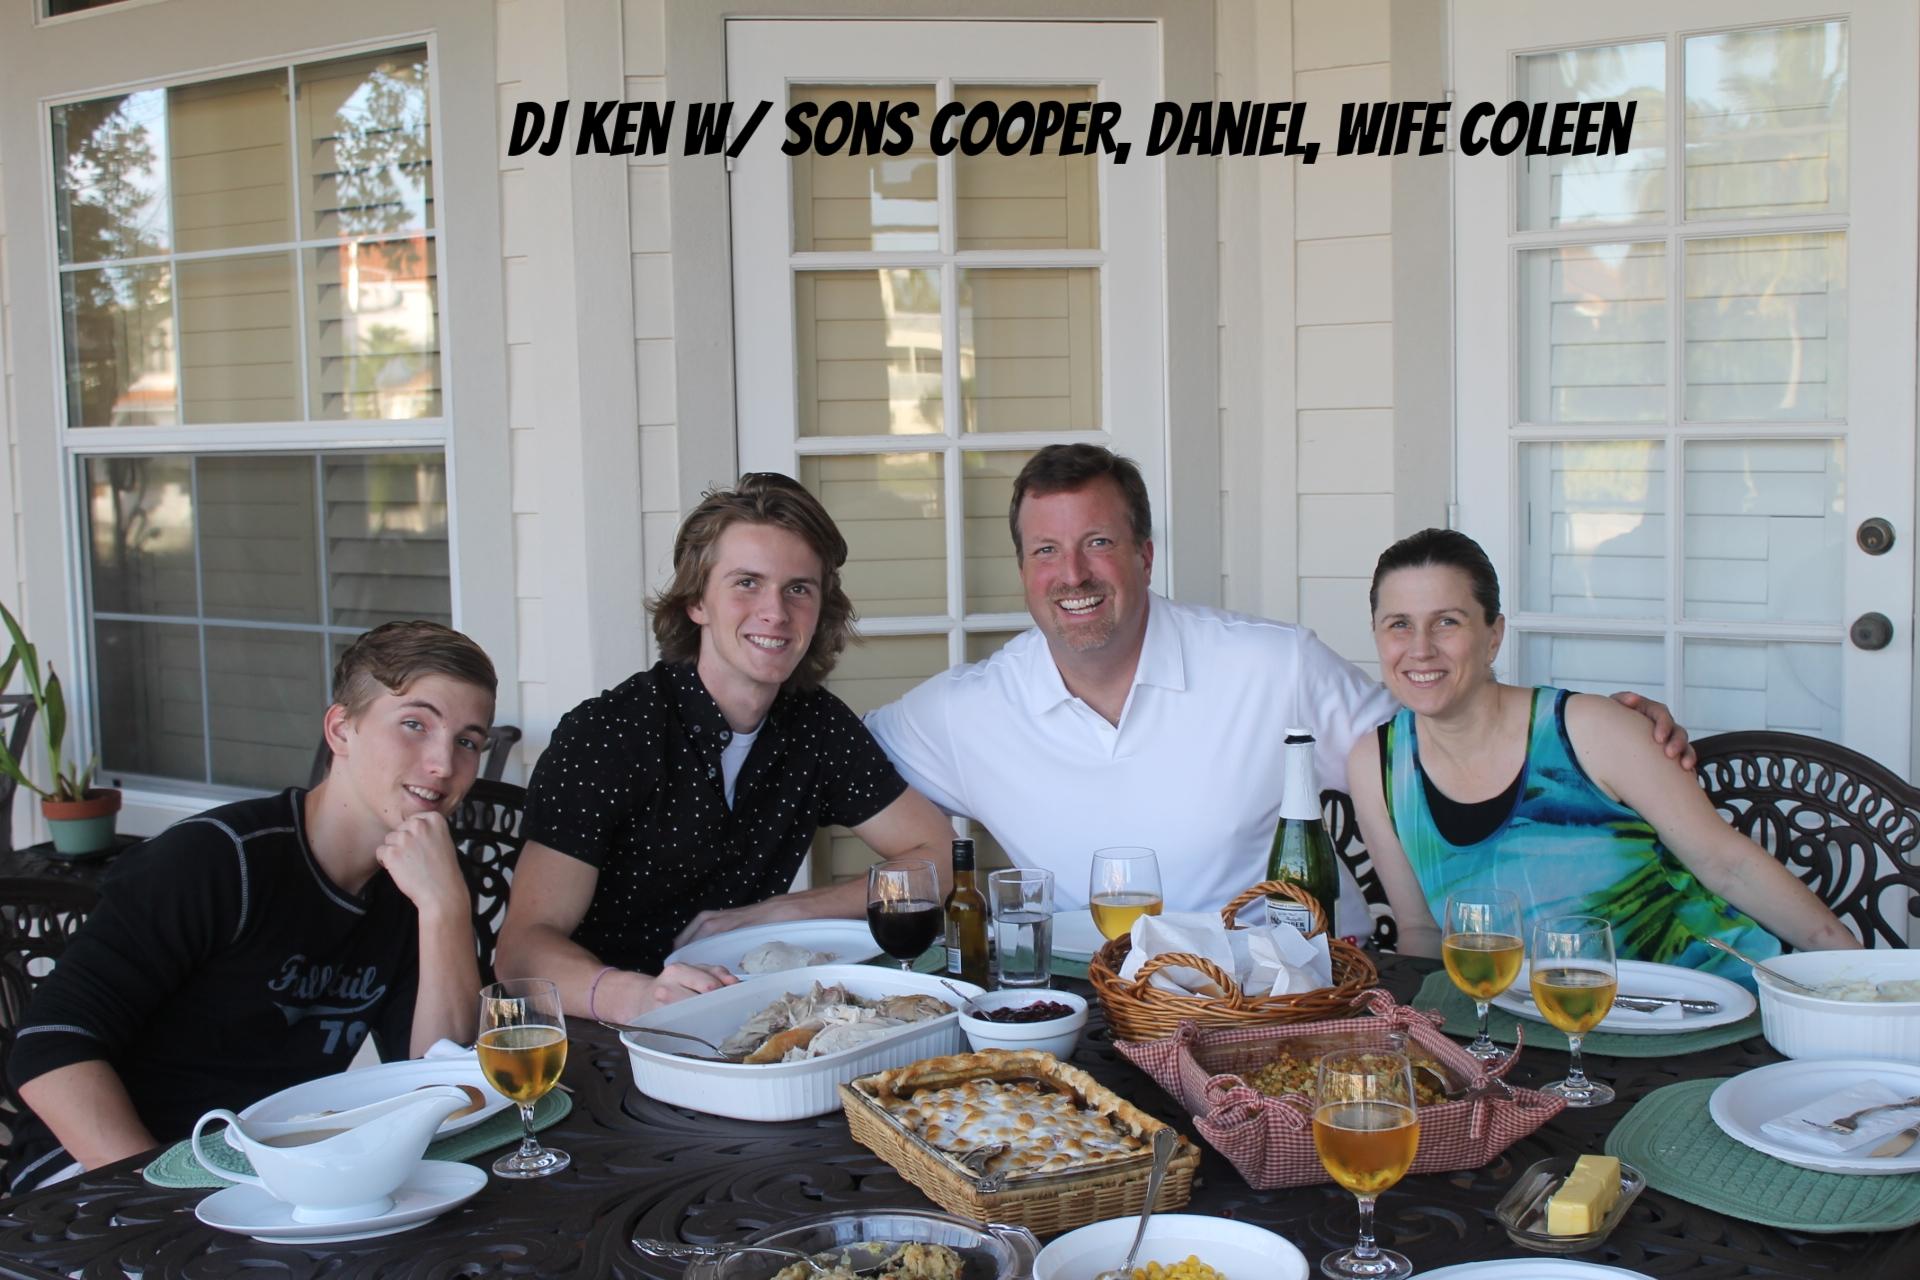 HODSDON FAMILY 11 26 15.jpg